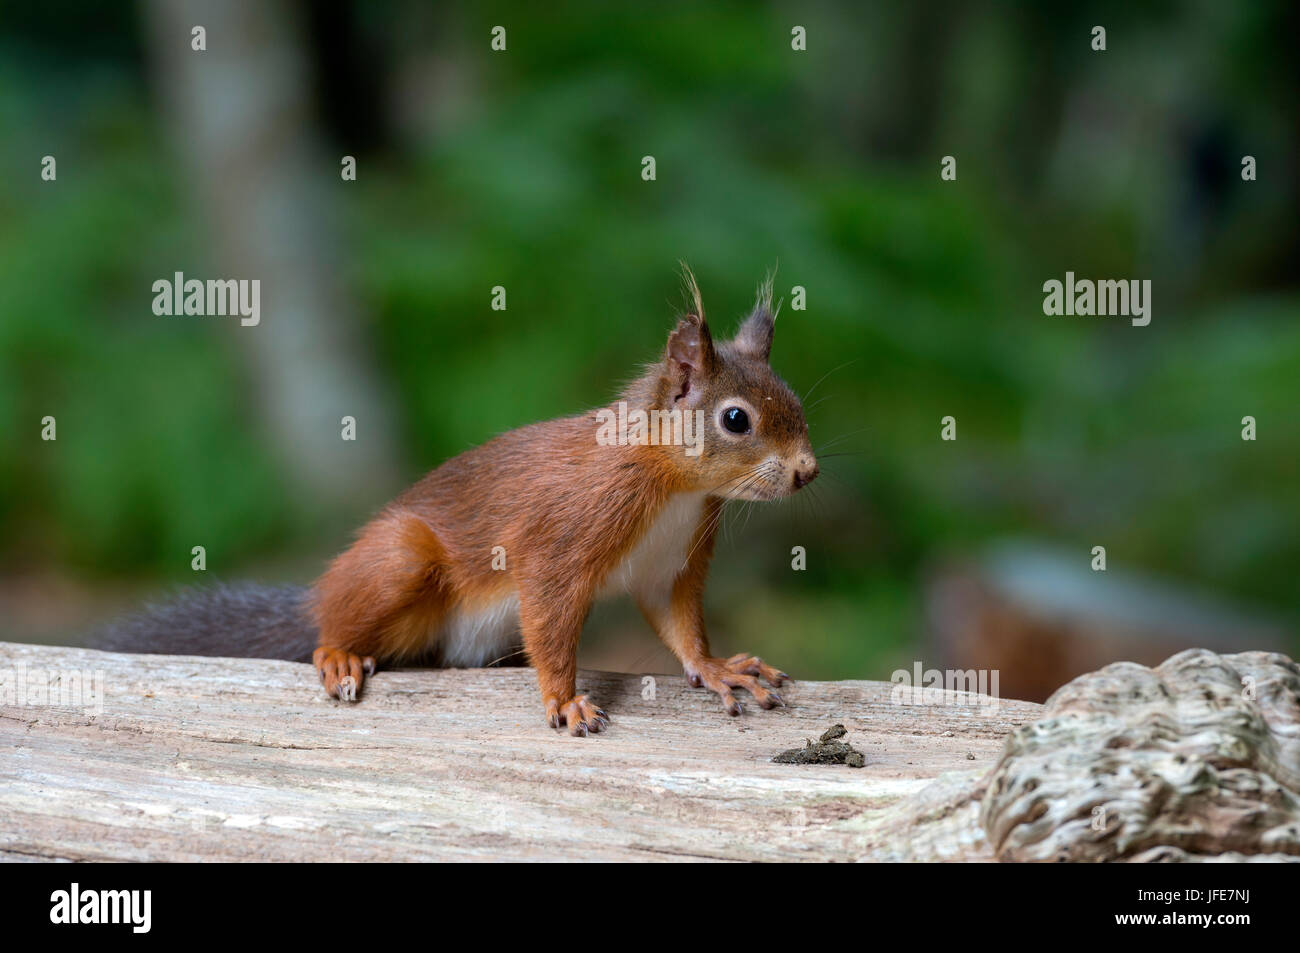 Eichhörnchen auf Baumstamm Stockbild